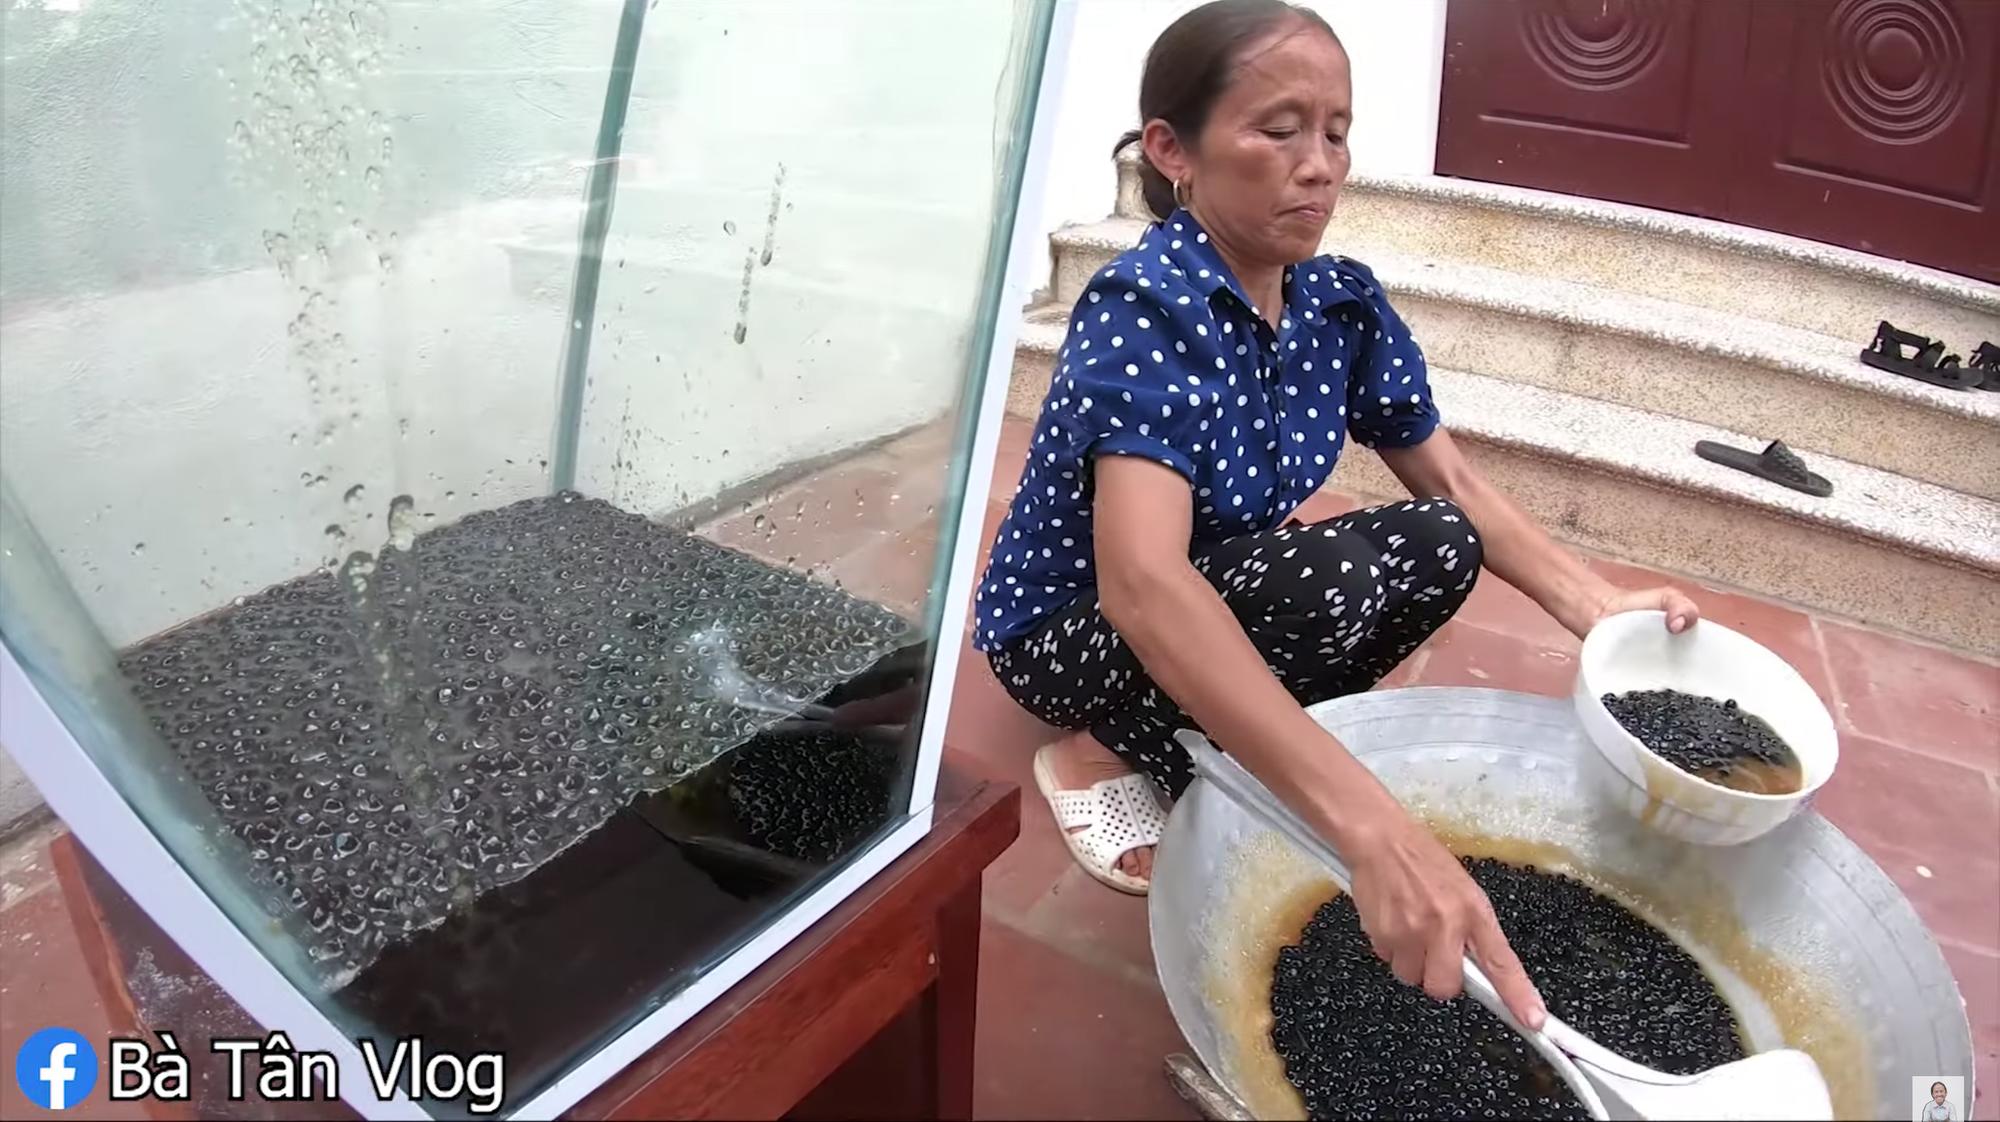 Tốc độ ra clip vùn vụt: bà Tân Vlog làm sữa tươi trân châu khổng lồ mừng 1,9 triệu sub ngay sau khi được bật kiếm tiền YouTube - Ảnh 5.